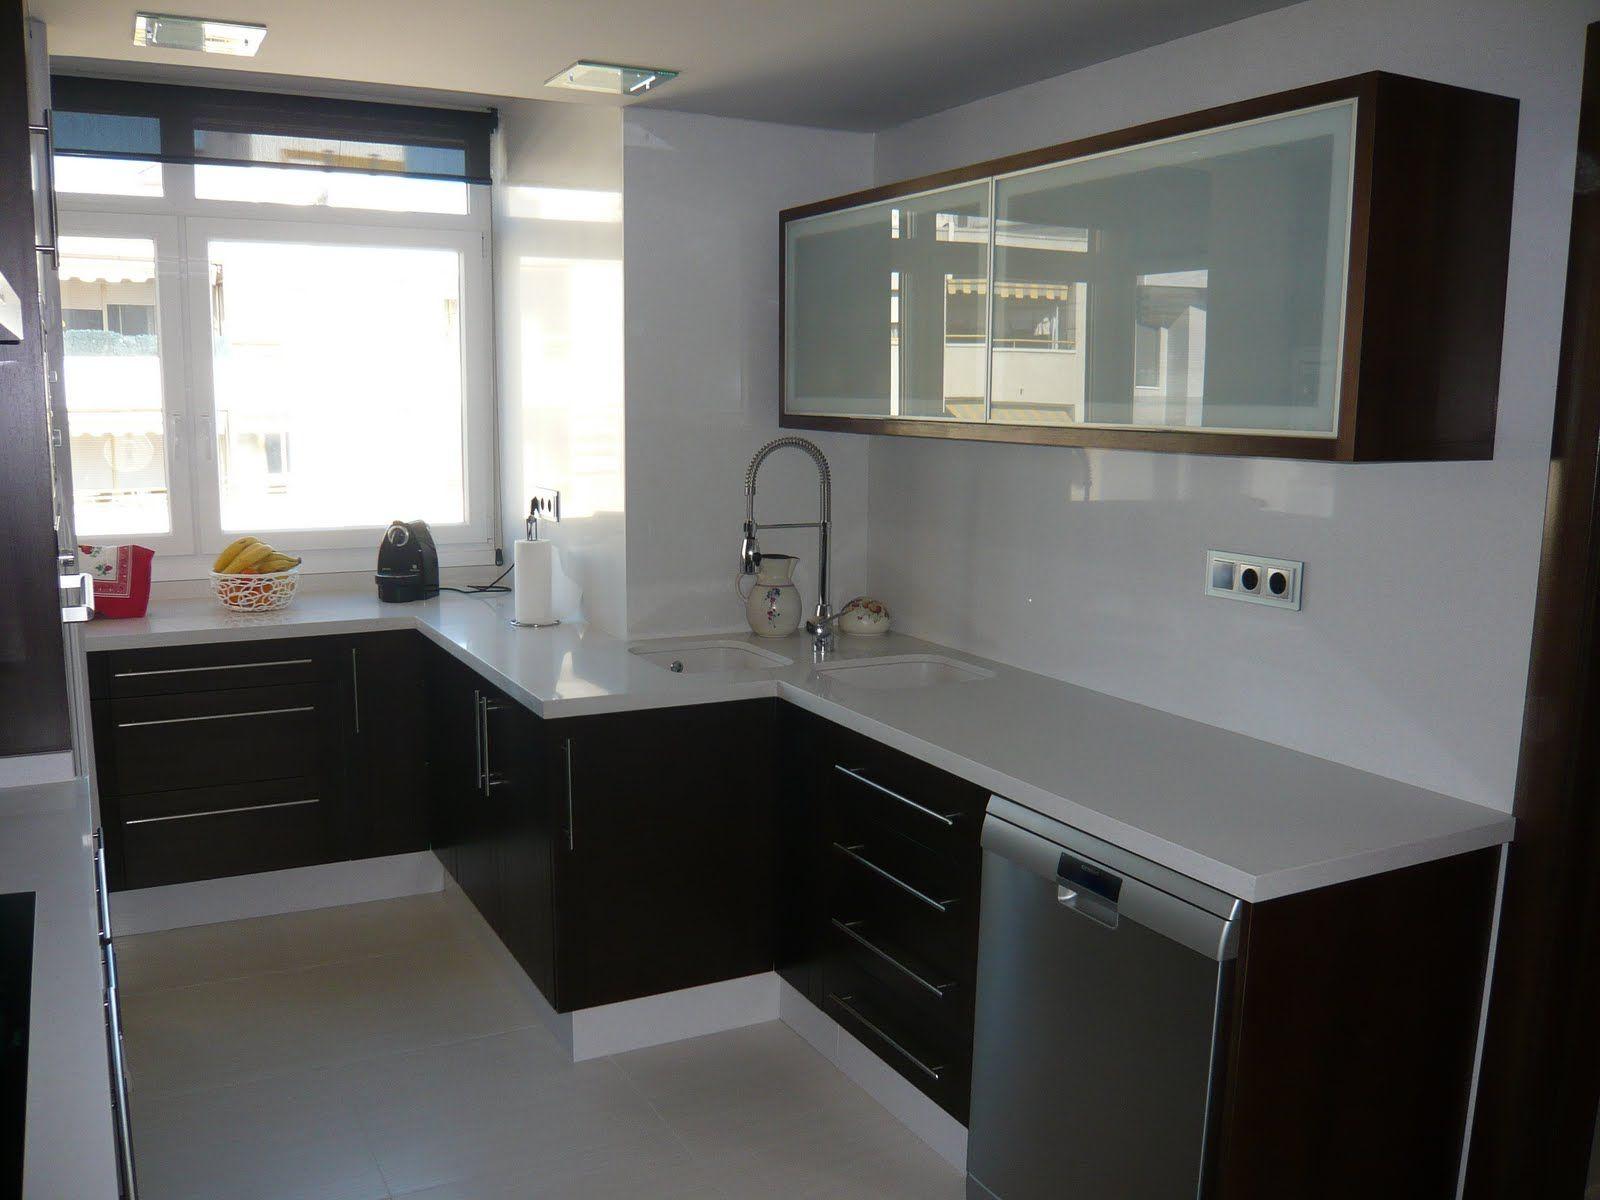 Interiorismo cocinas modernas buscar con google for Muebles de cocina modernos color blanco